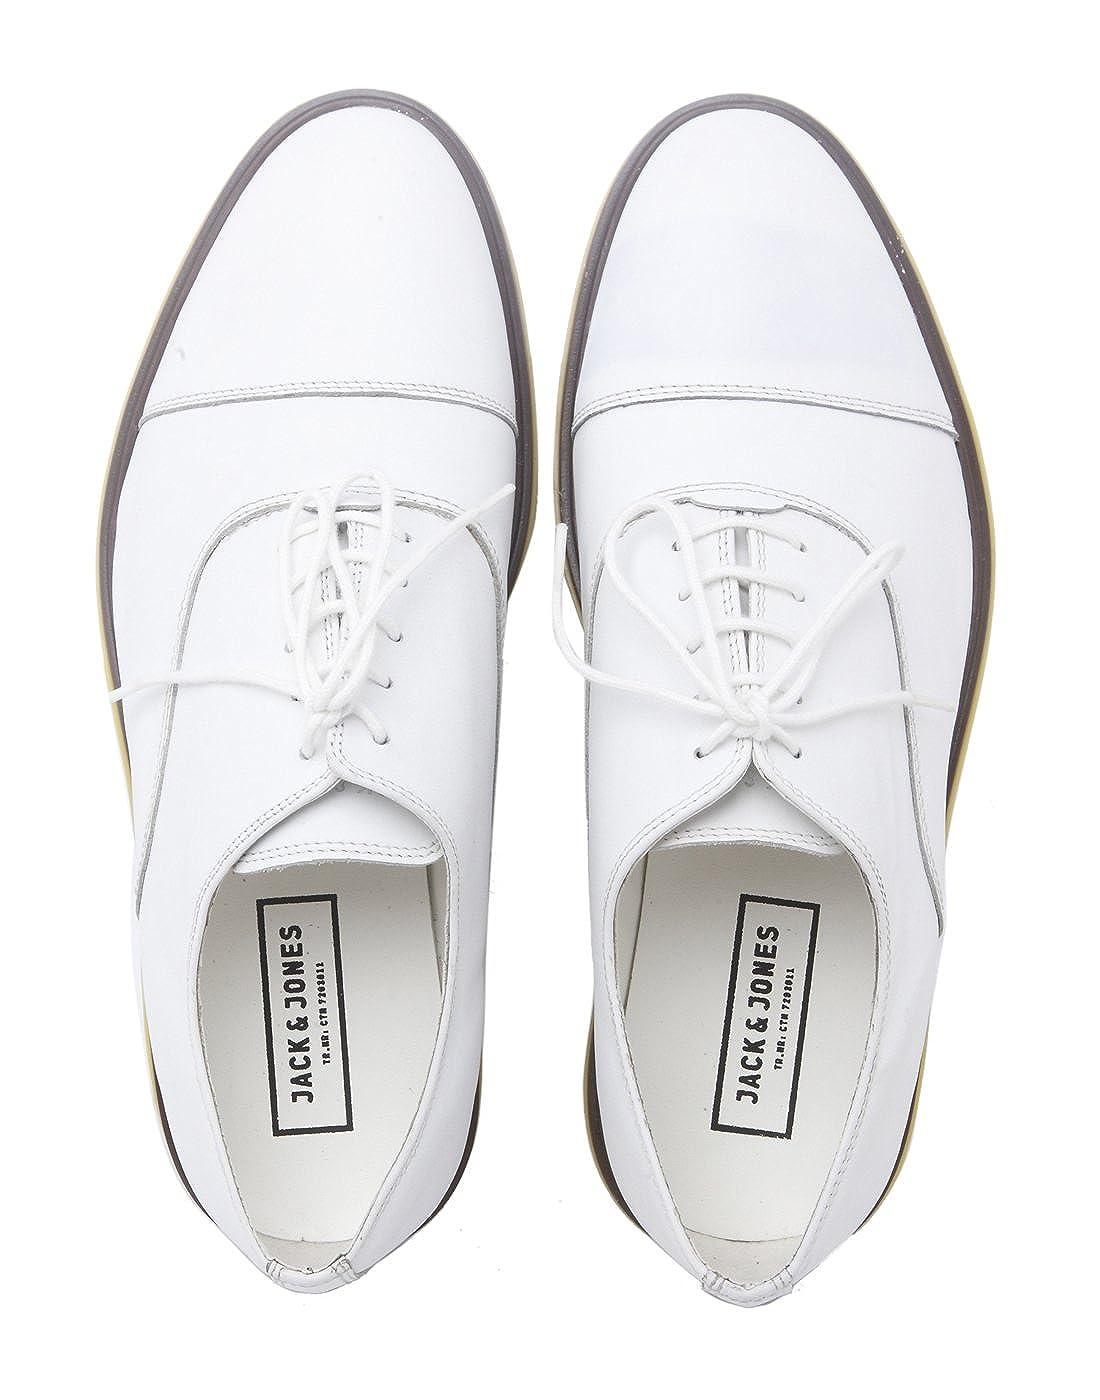 Buy Jack \u0026 Jones Men's Casual Shoes